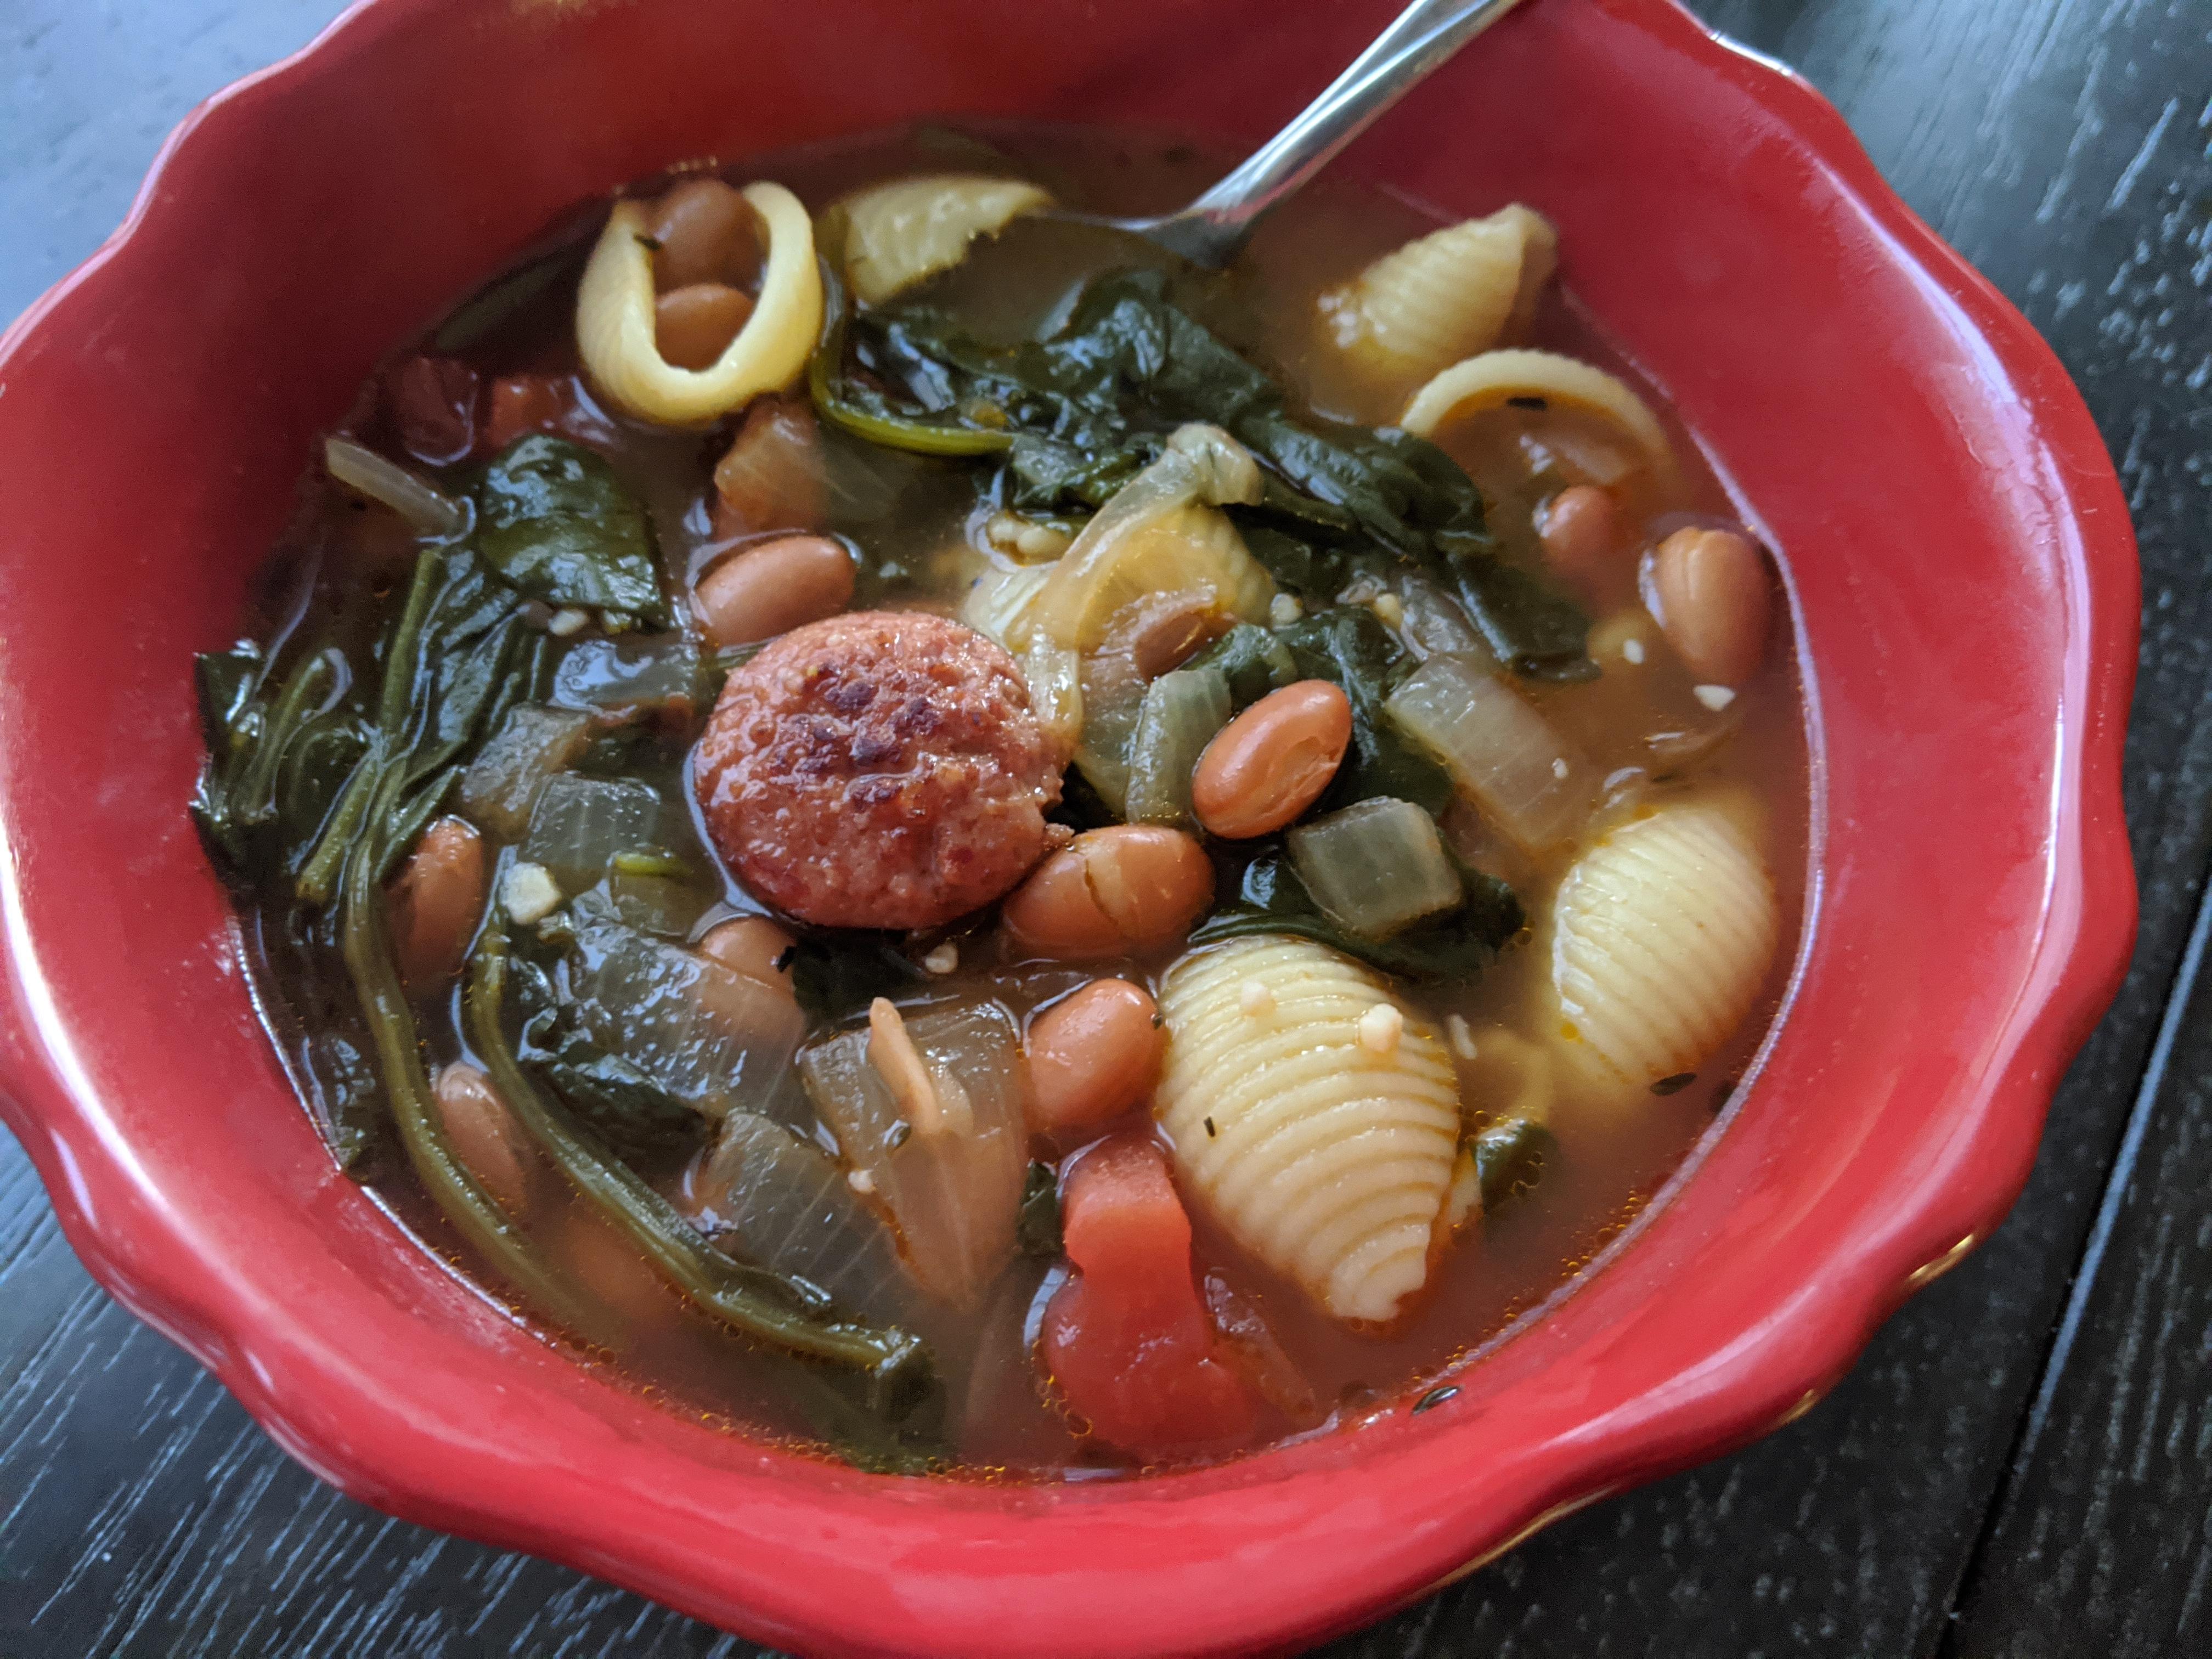 Smoked Sausage and Tuscan White Bean Soup Rebekah Rose Hills